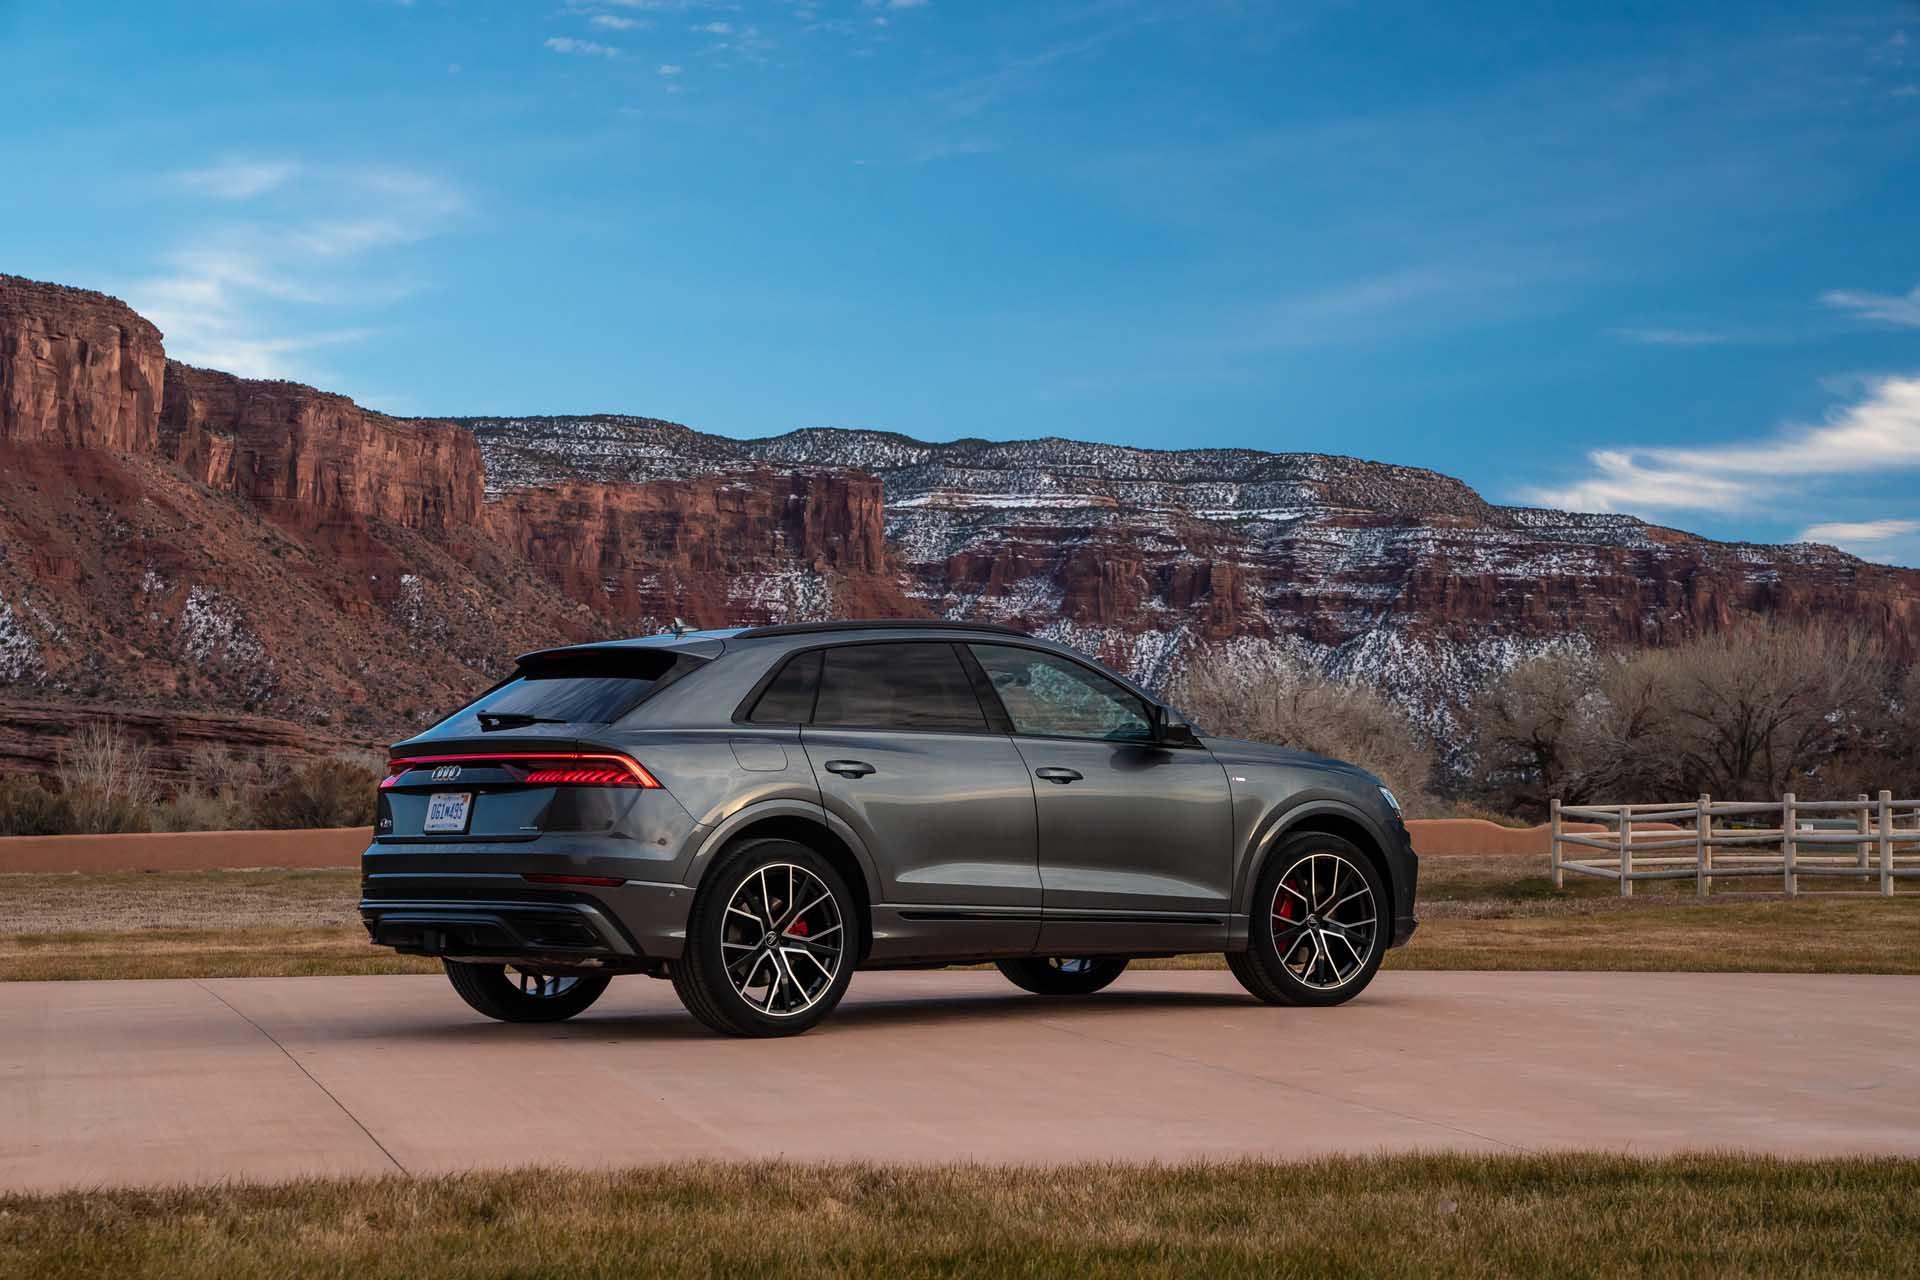 2020 Audi Q8 Redesign